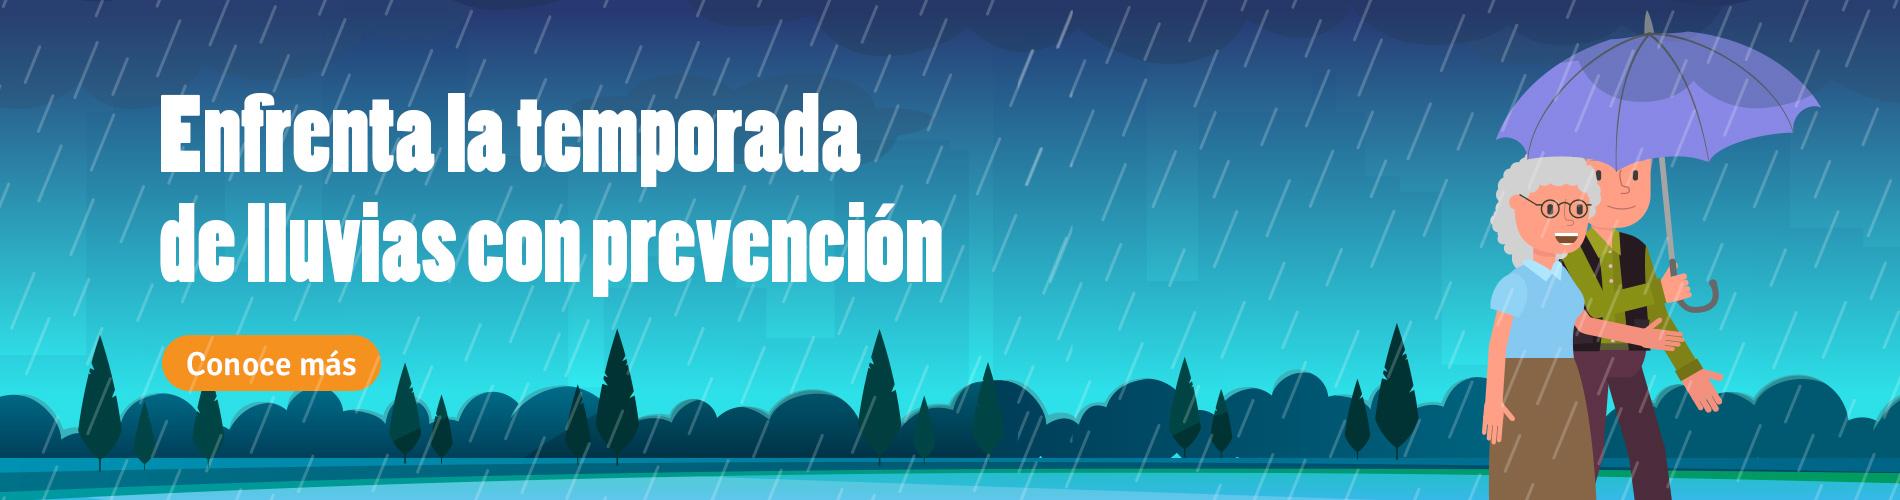 Enfrenta la temporada de lluvias con prevención